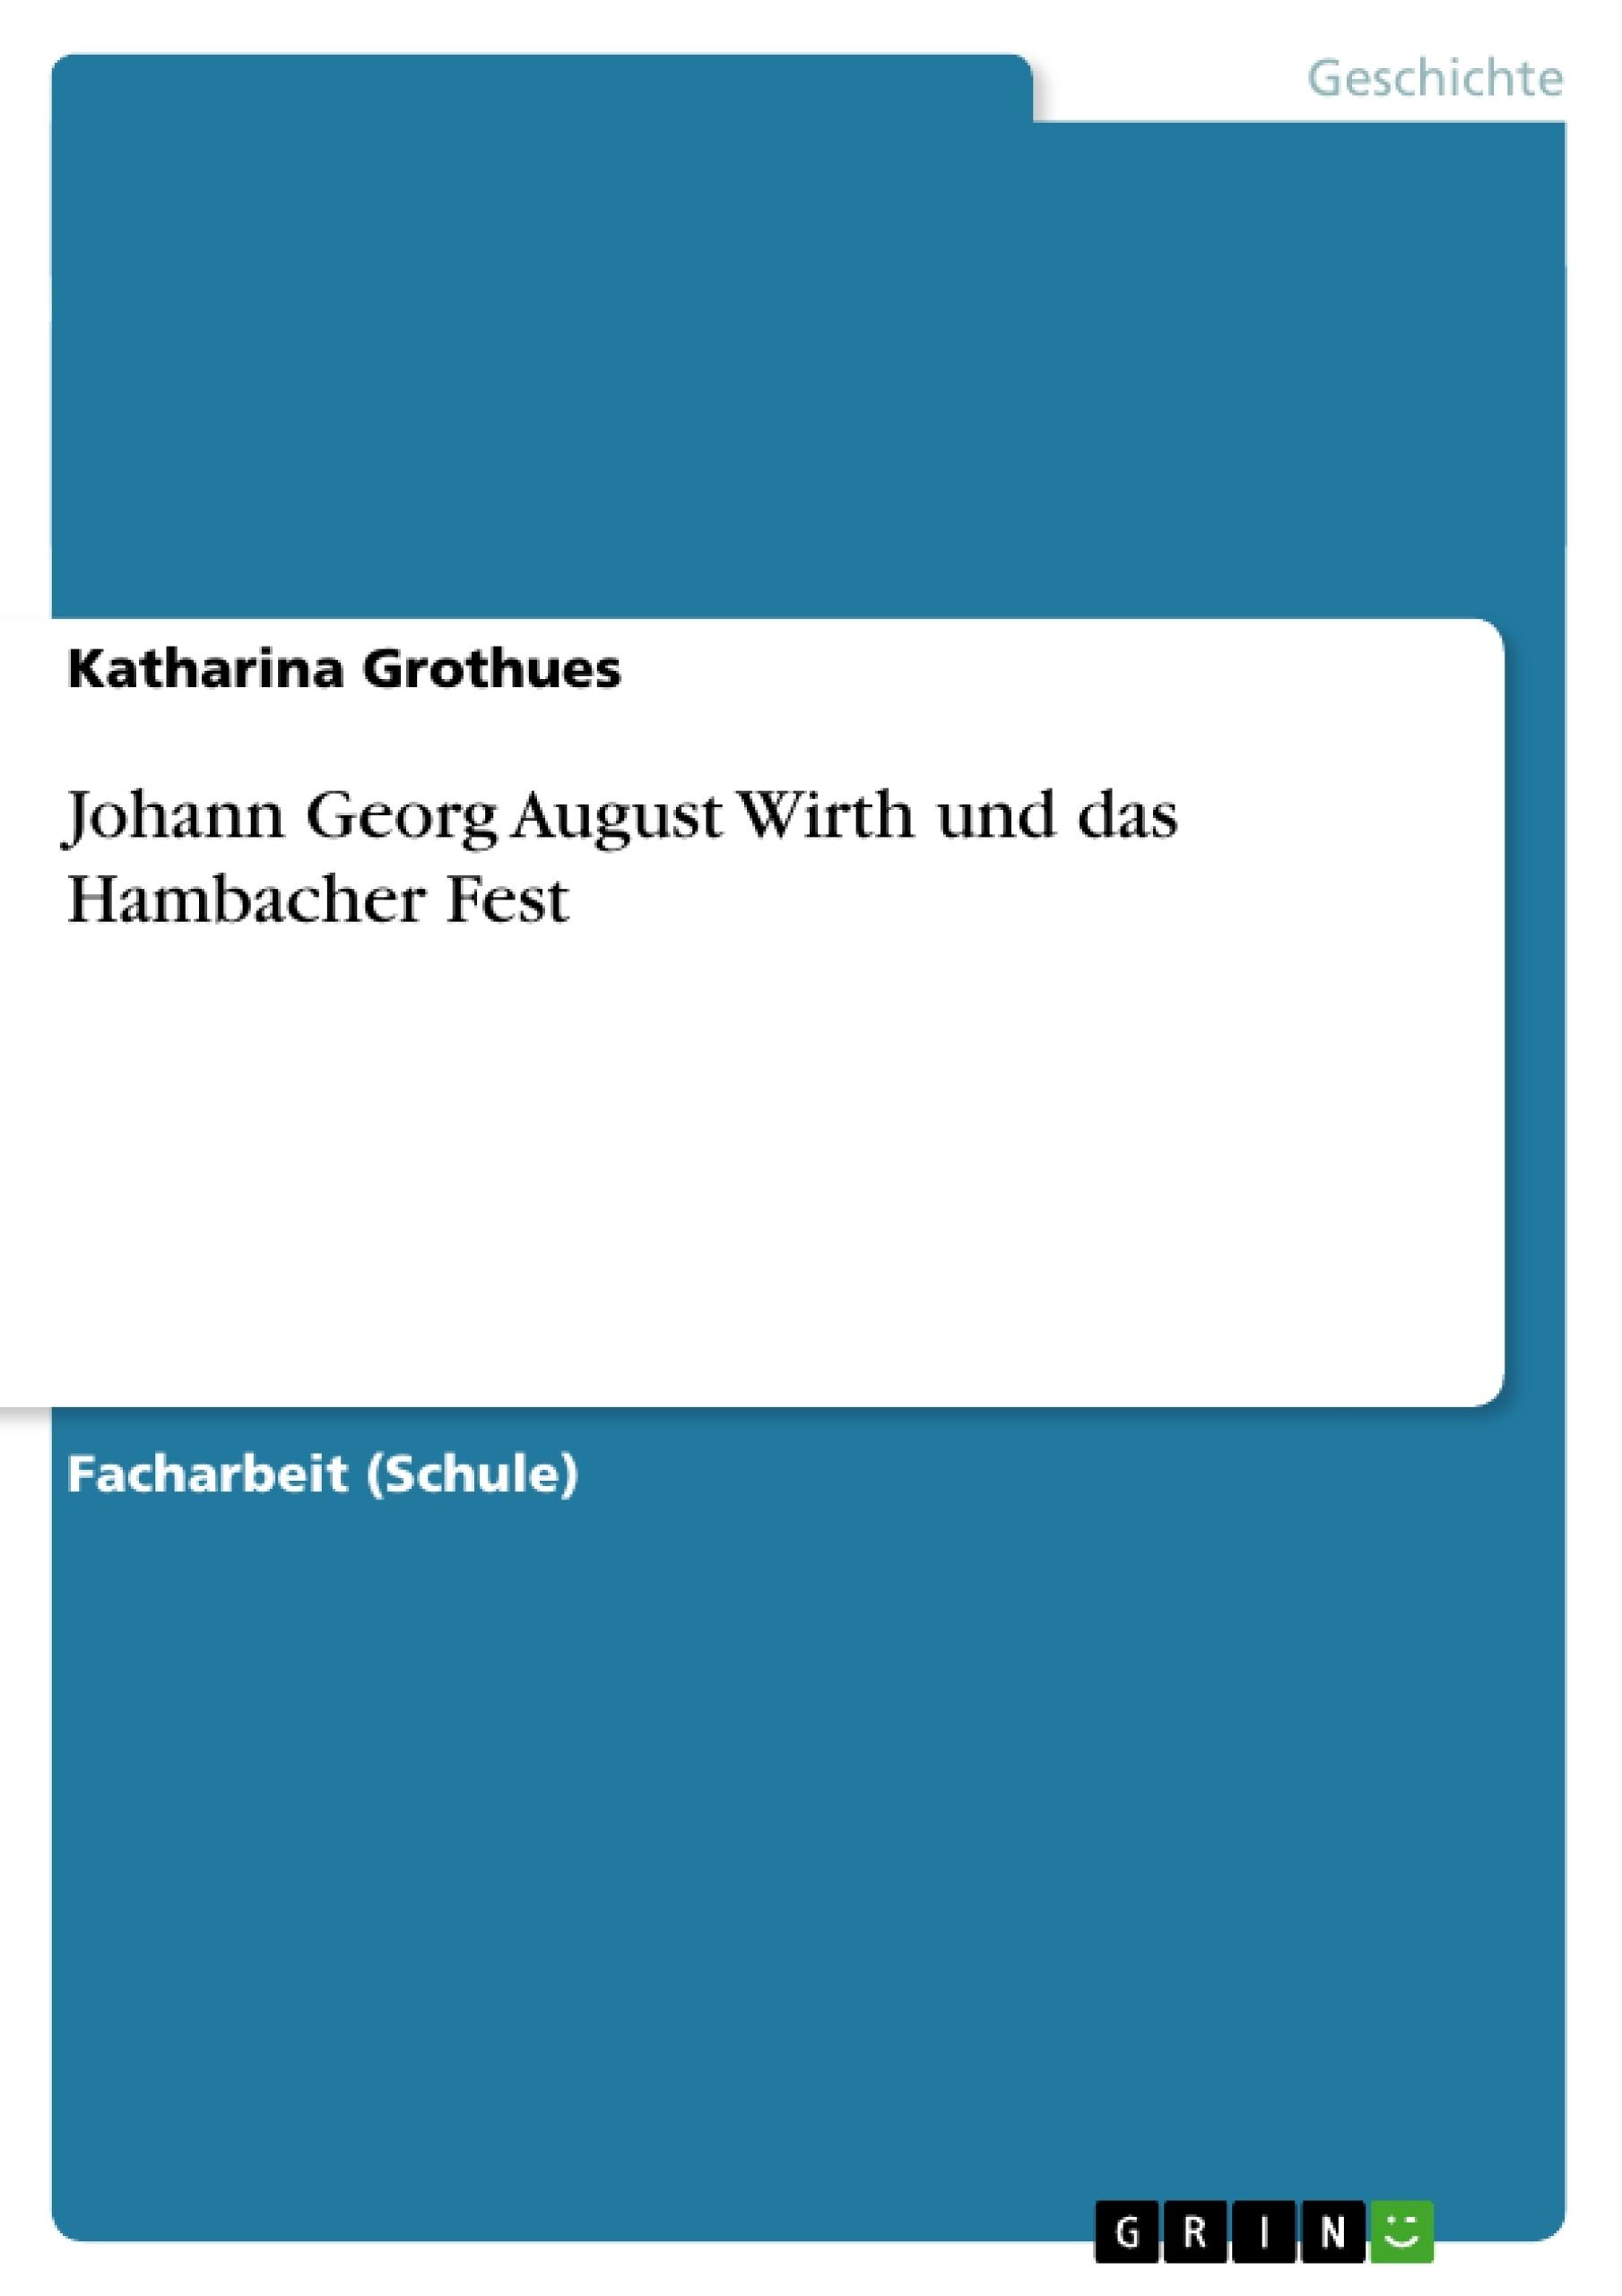 Titel: Johann Georg August Wirth und das Hambacher Fest